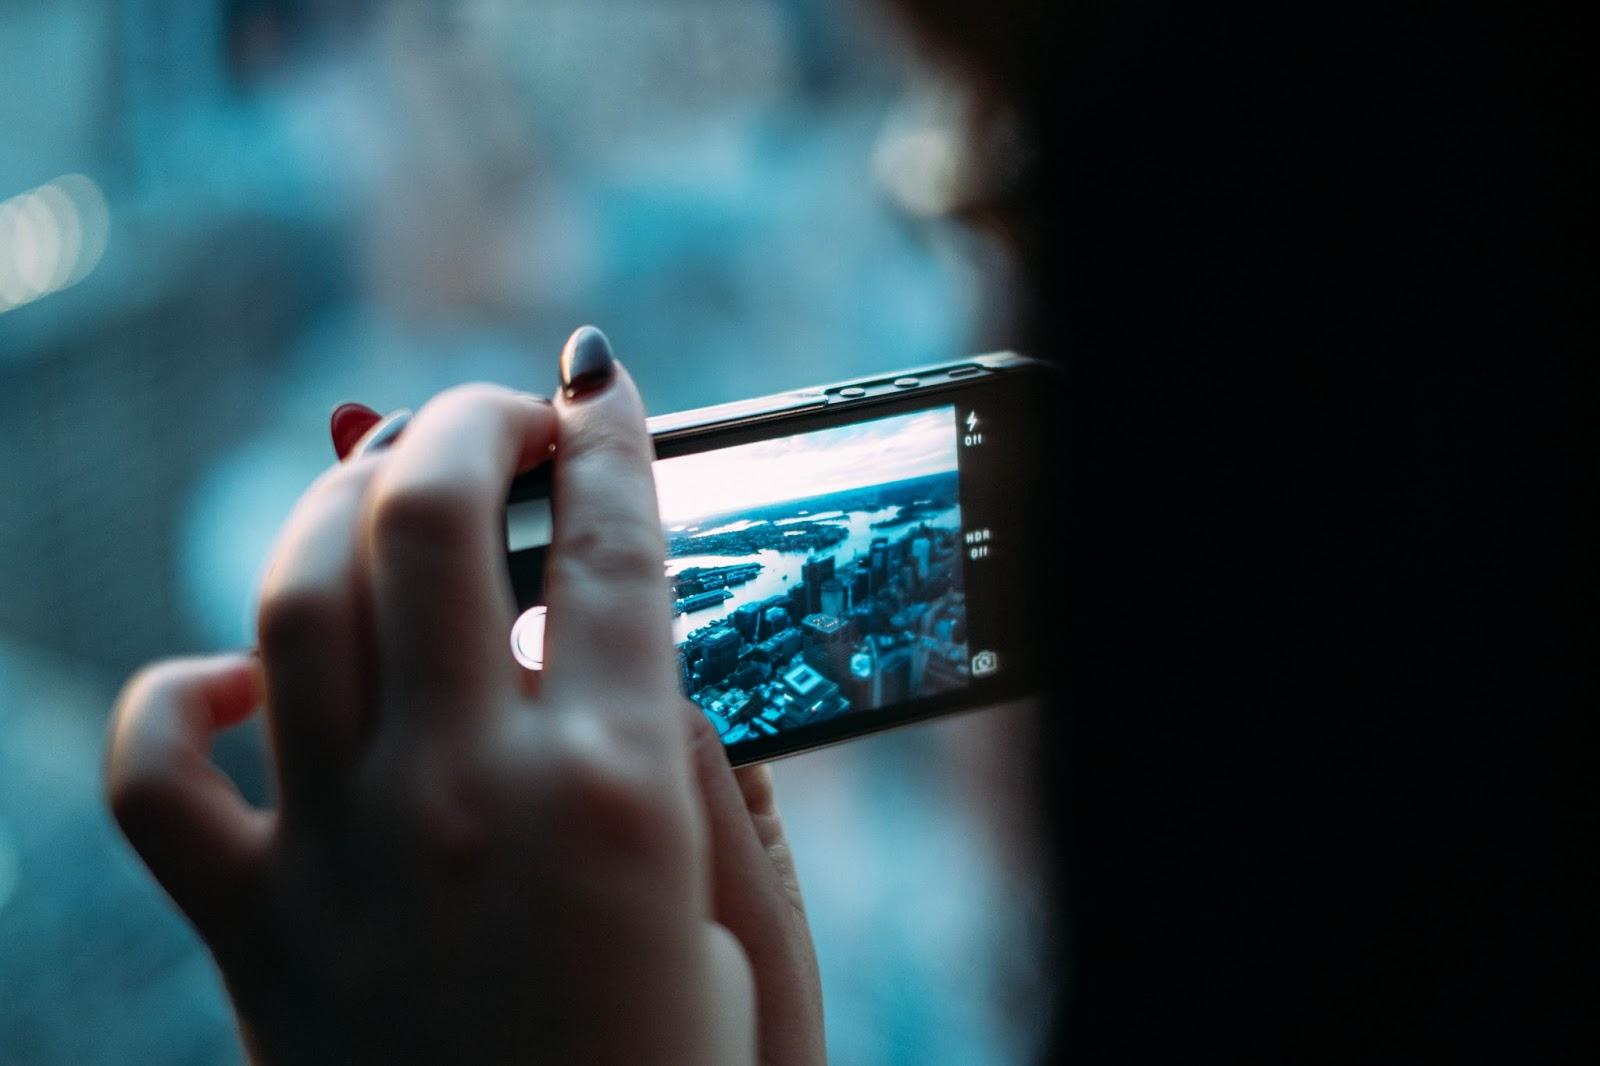 Las fotografias del blog pueden ser un contenido viral